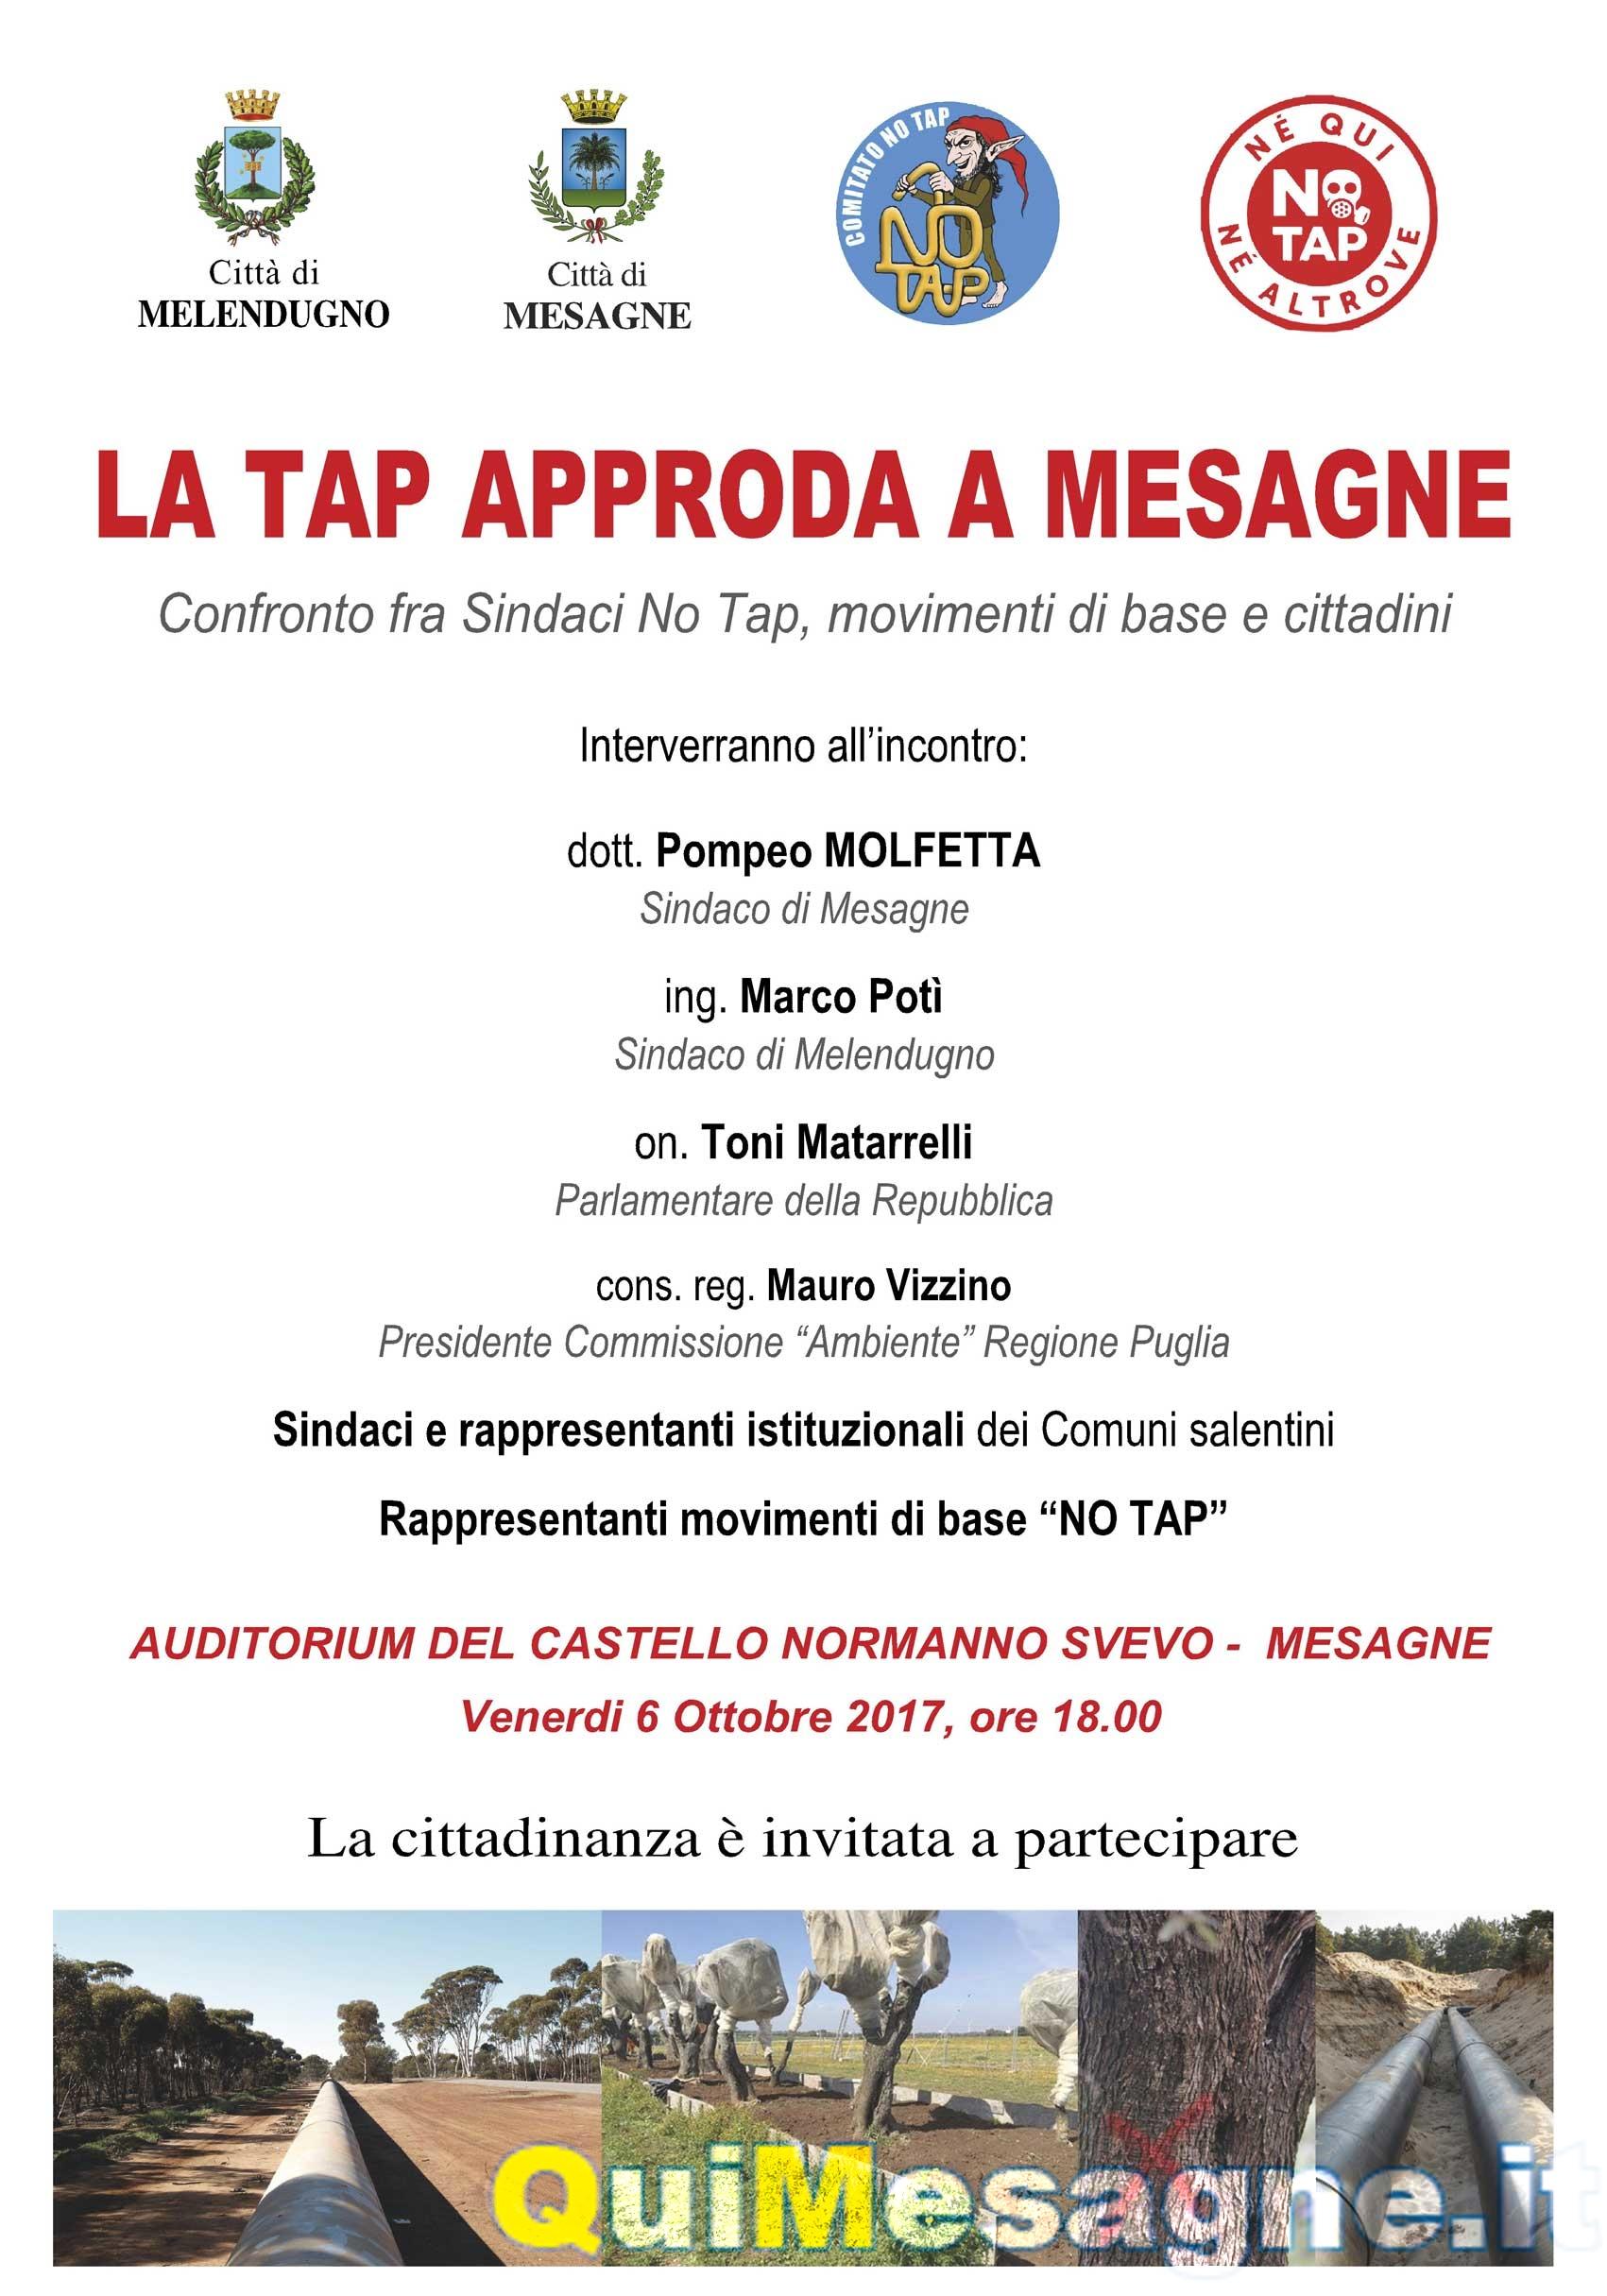 """Venerdì 6 ottobre manifestazione organizzata dal Comune: """"La Tap approda a Mesagne"""""""